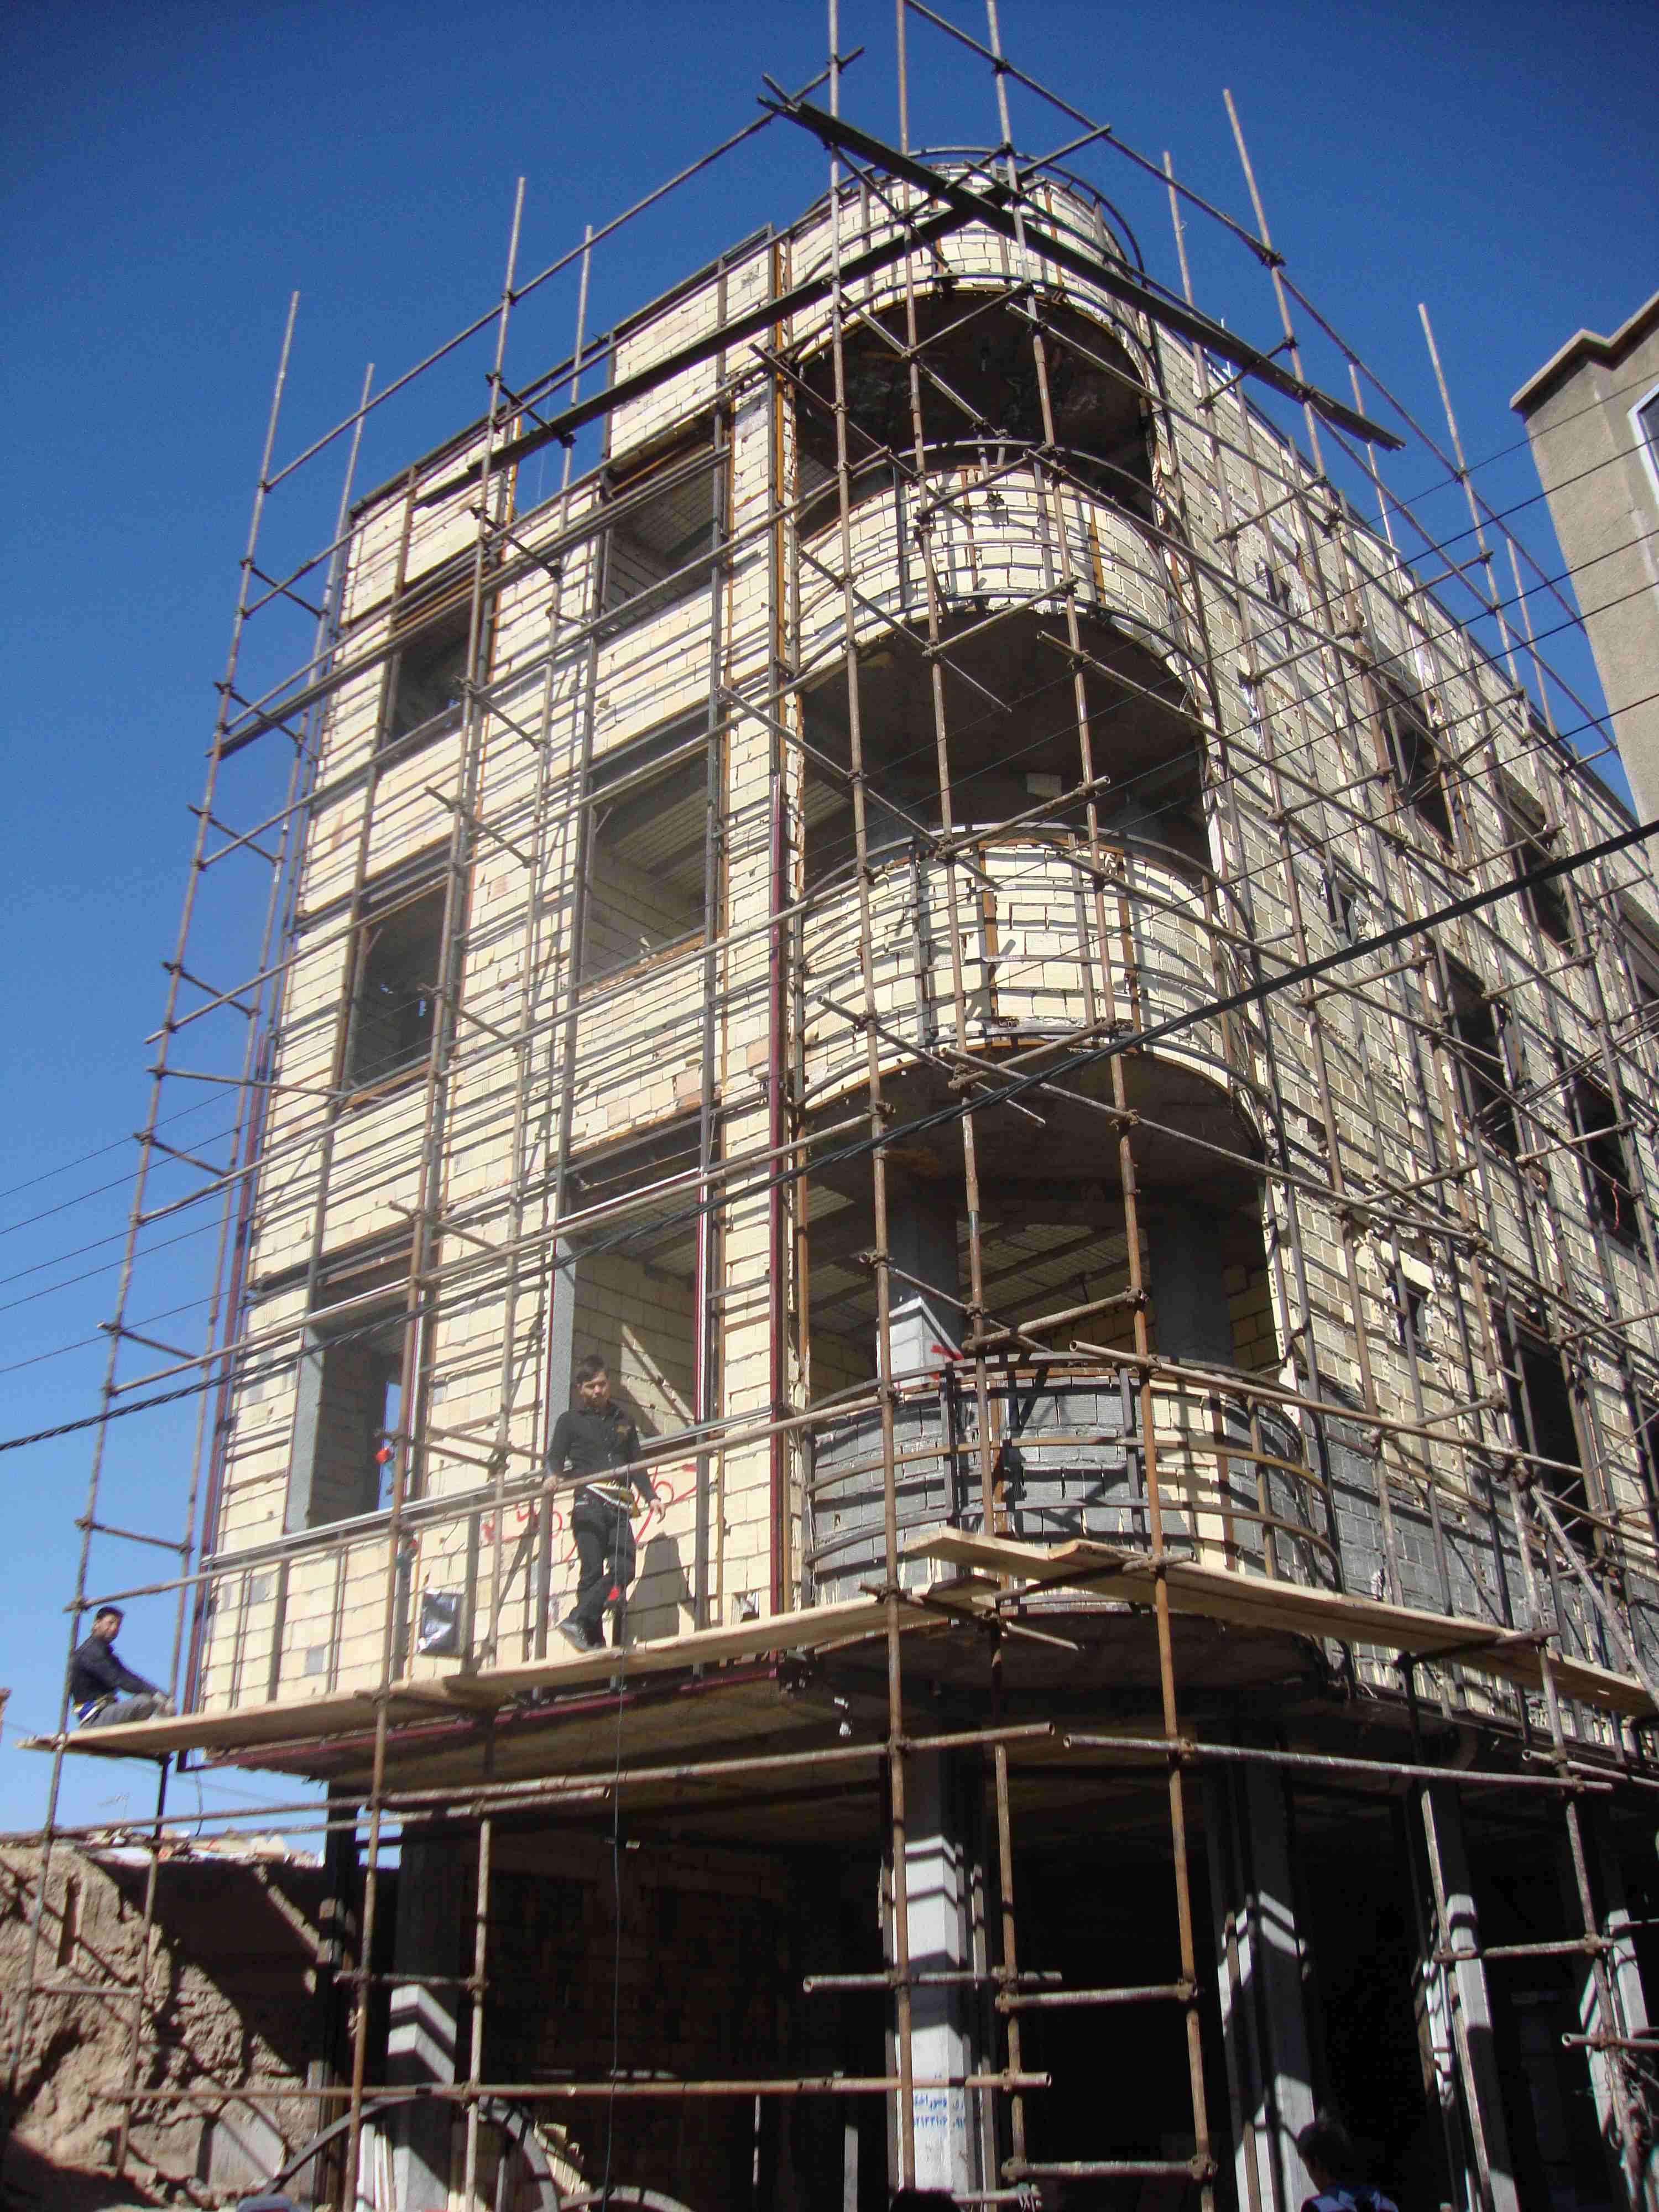 ساختمان مسکونی 2 - نماسازان امروزمحصول مورد استفاده : ساندویچ پانل دکوراتیو NG2 و NG5 تیپ 4